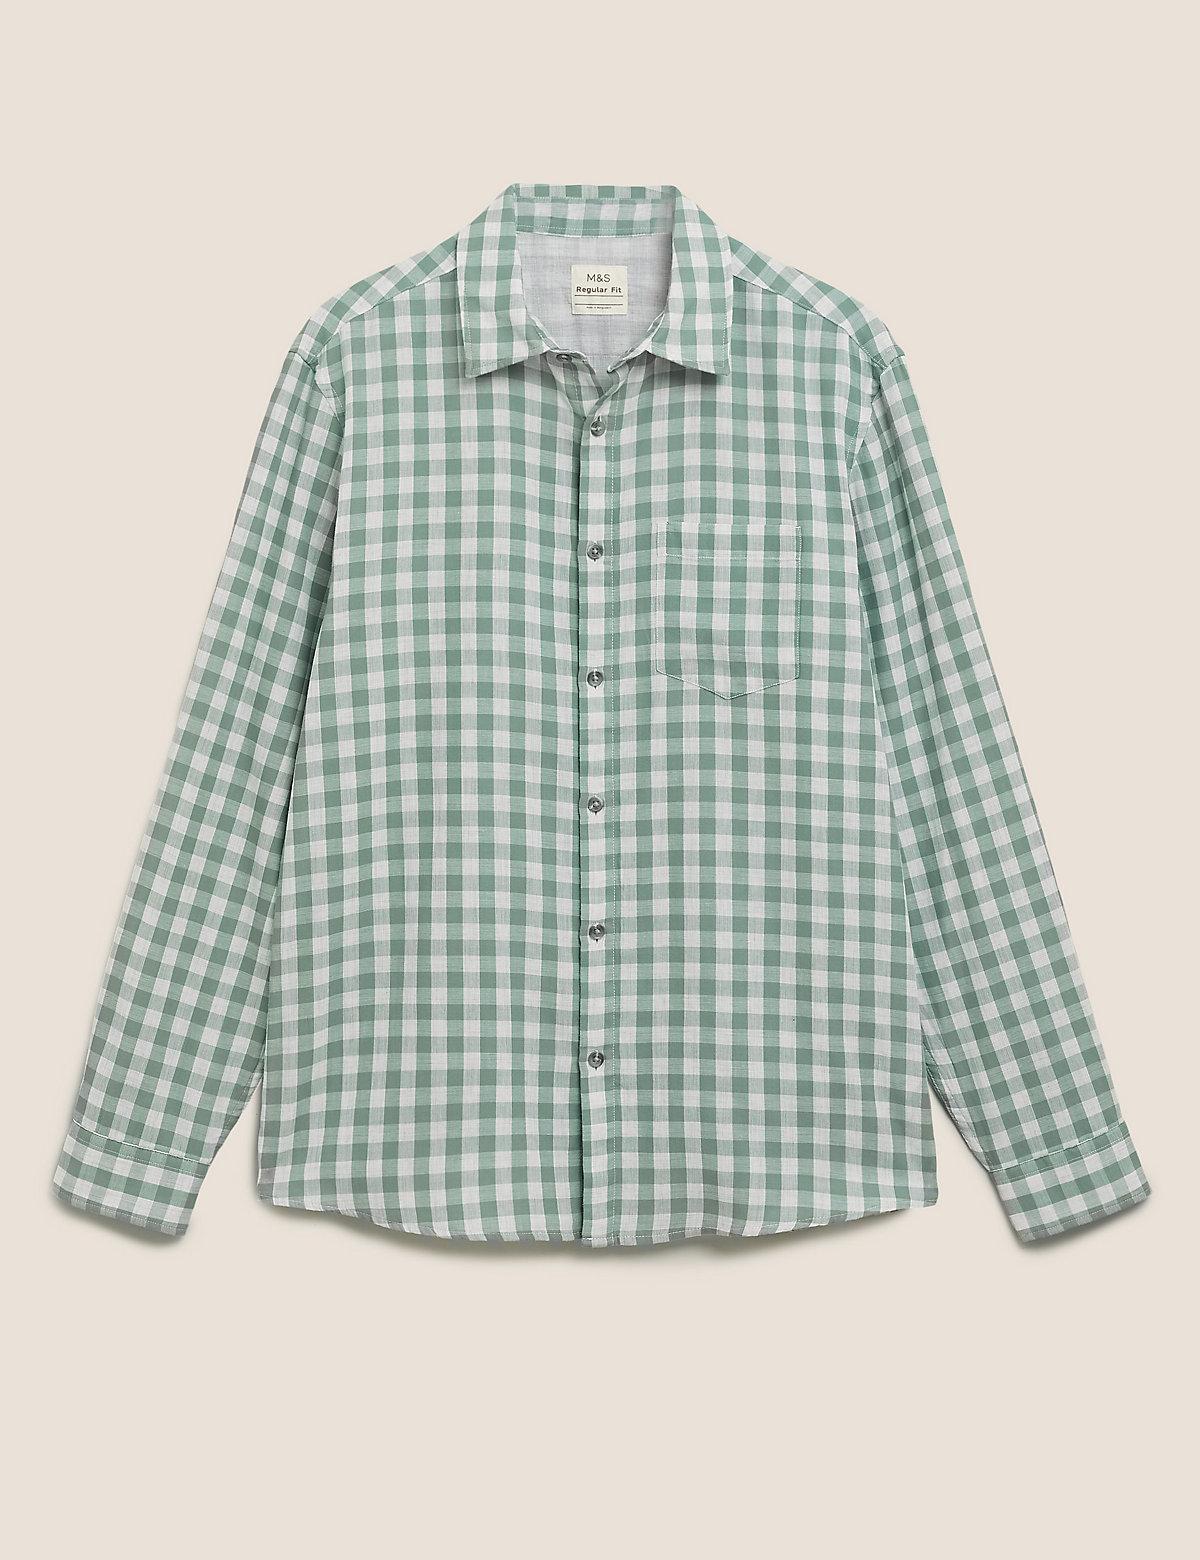 Хлопковая рубашка Overshirt в клетку